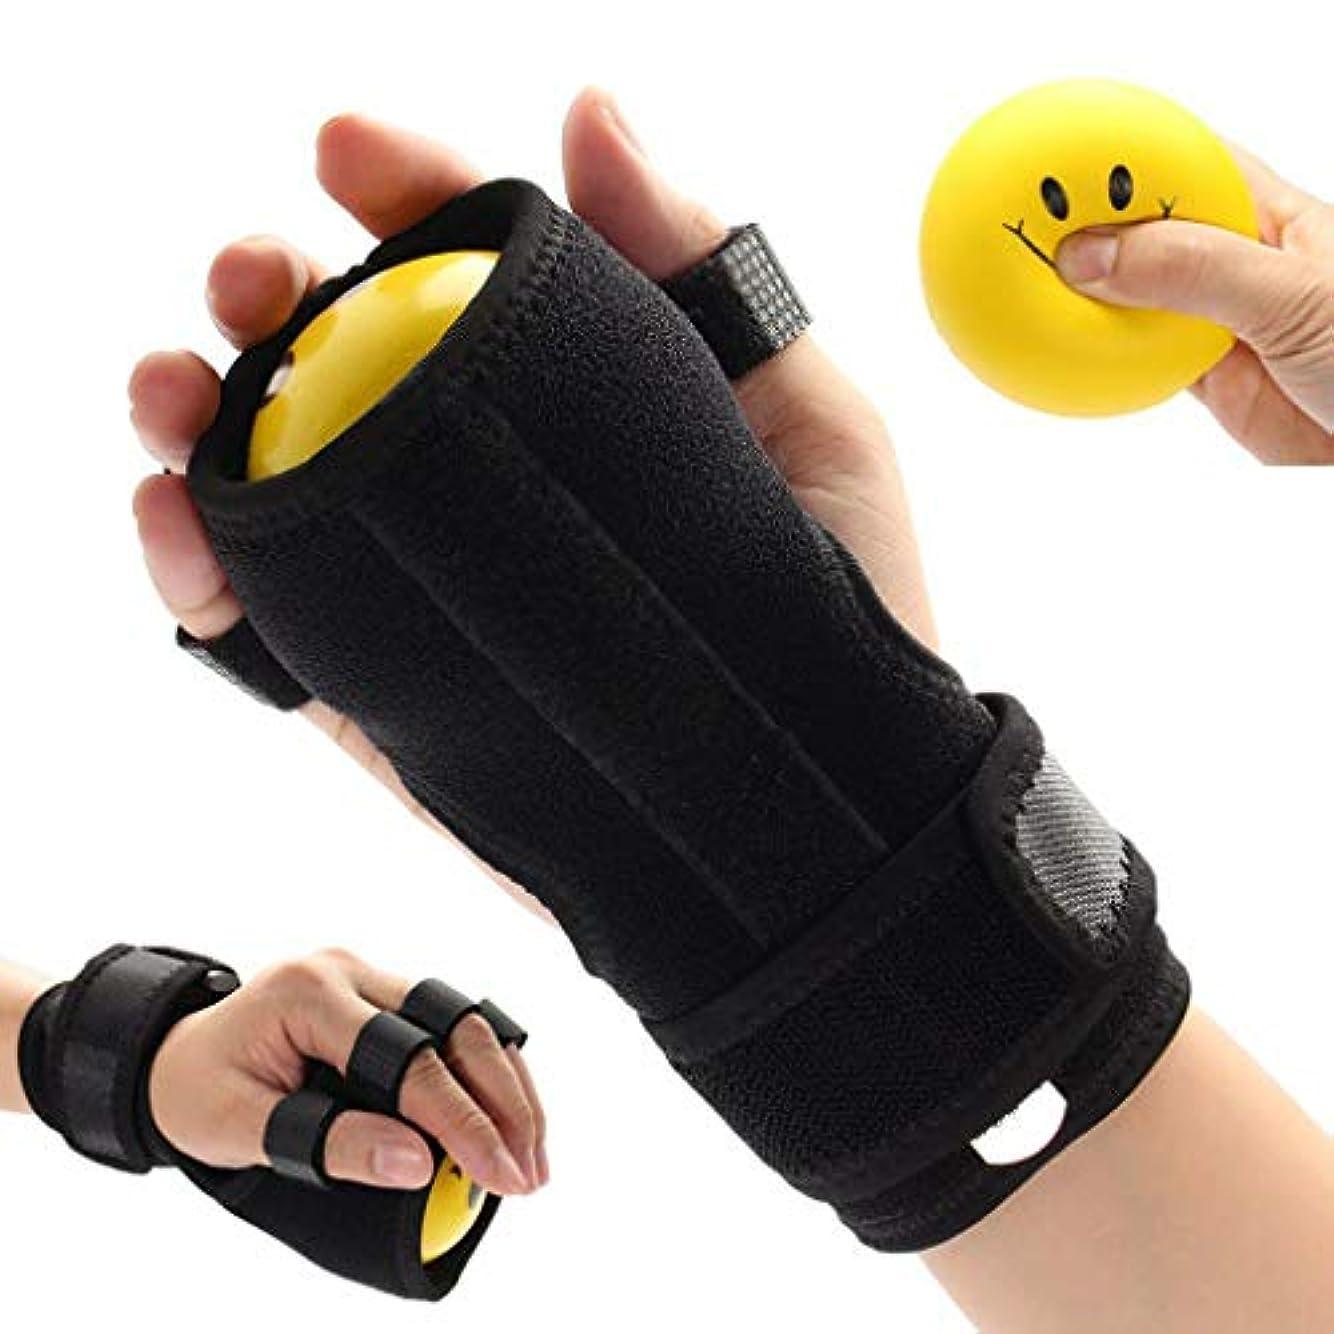 特権半導体ハイキングに行く抗痙攣性ボール - 指手首リハビリテーション練習用装具、機能的副子手、手の機能障害/片麻痺/脳卒中用